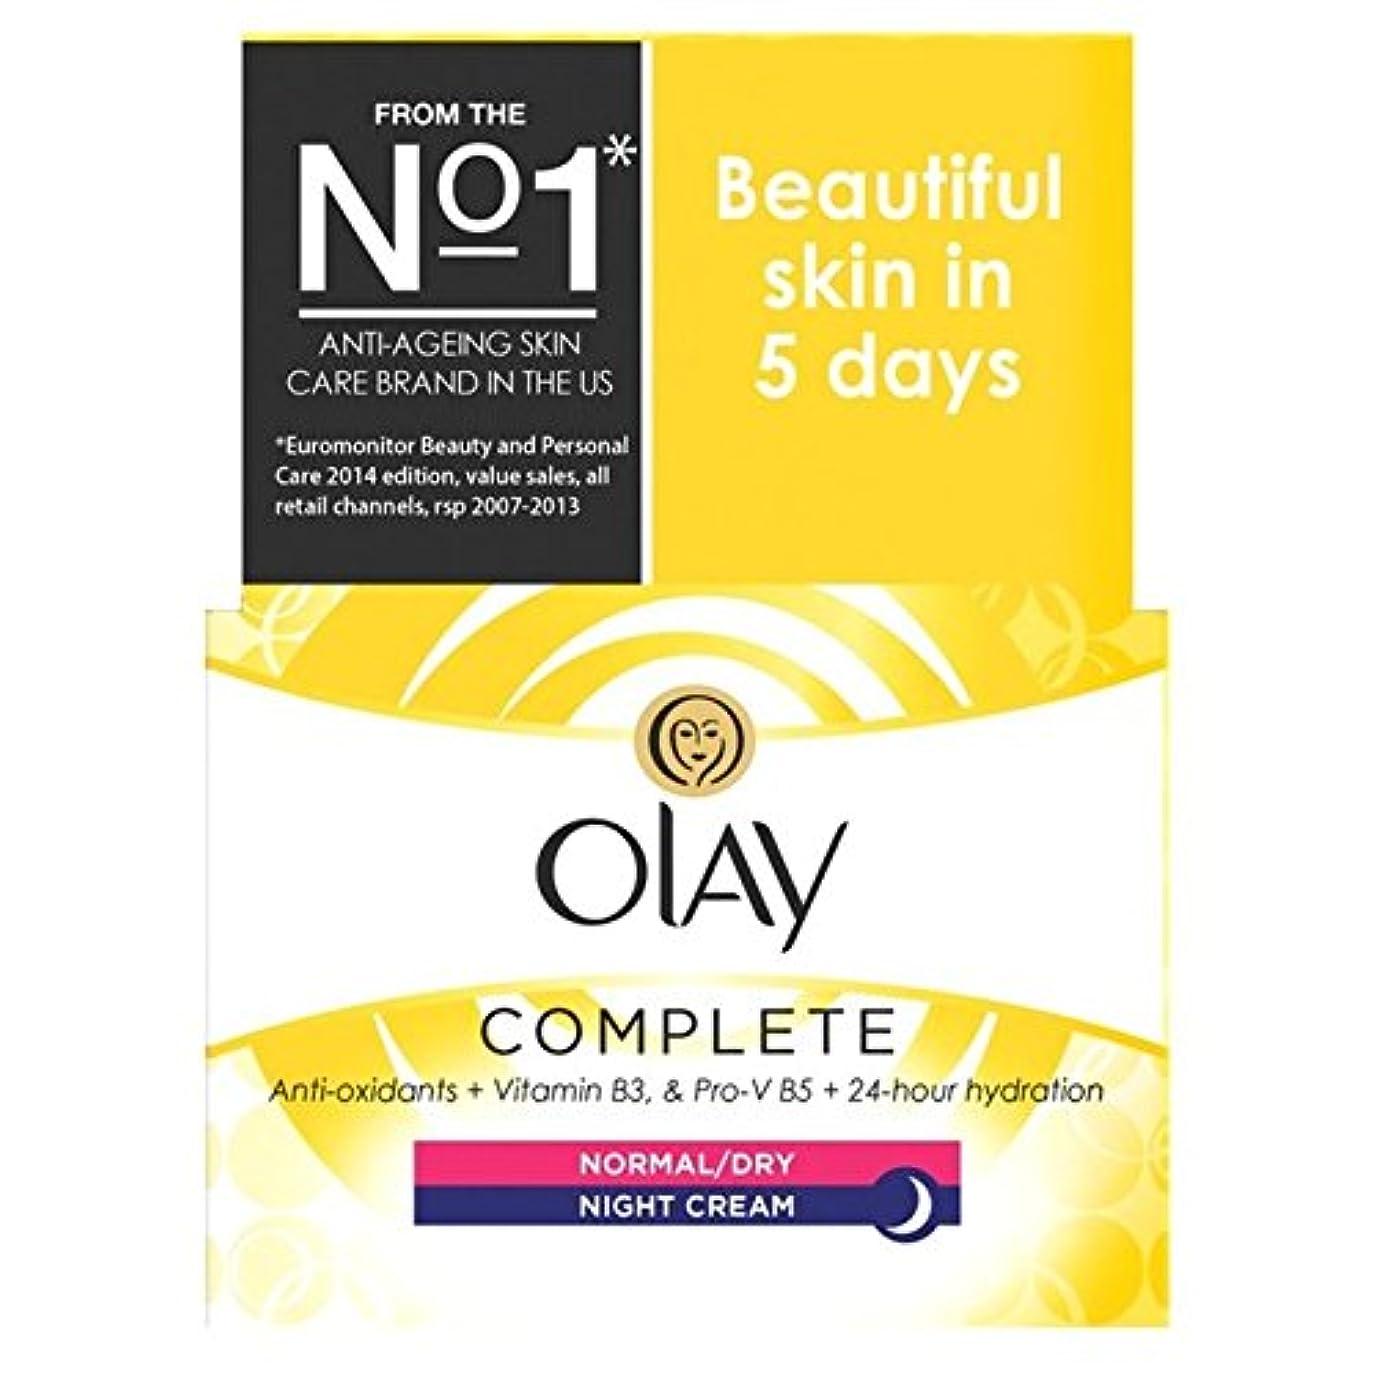 ベックスペース捧げるオーレイ必需品の完全なケア保湿ナイトクリーム50ミリリットル x4 - Olay Essentials Complete Care Moisturiser Night Cream 50ml (Pack of 4) [並行輸入品]